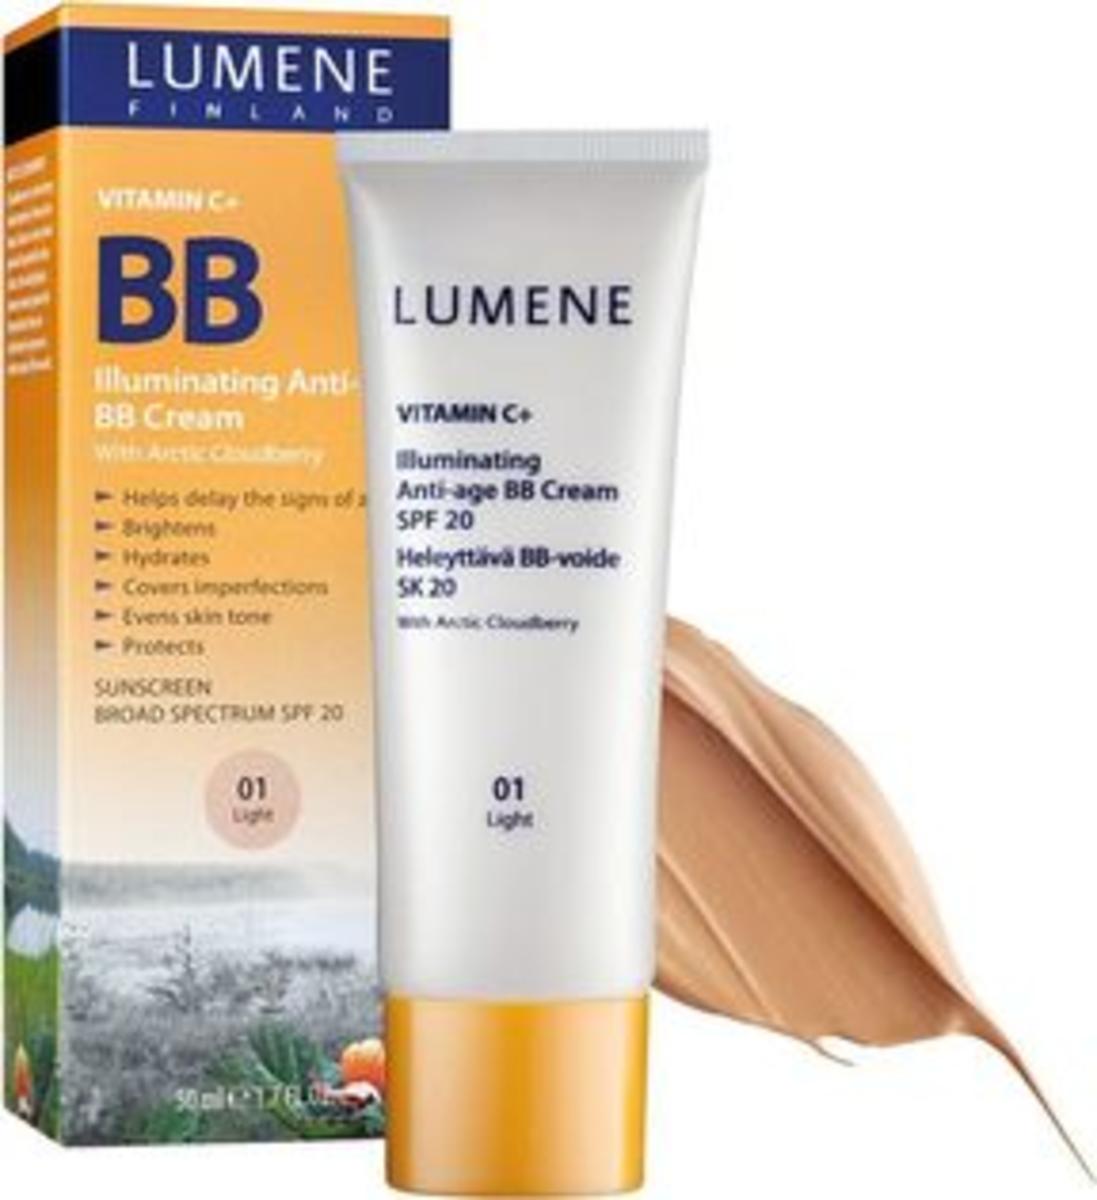 Lumene BB Cream